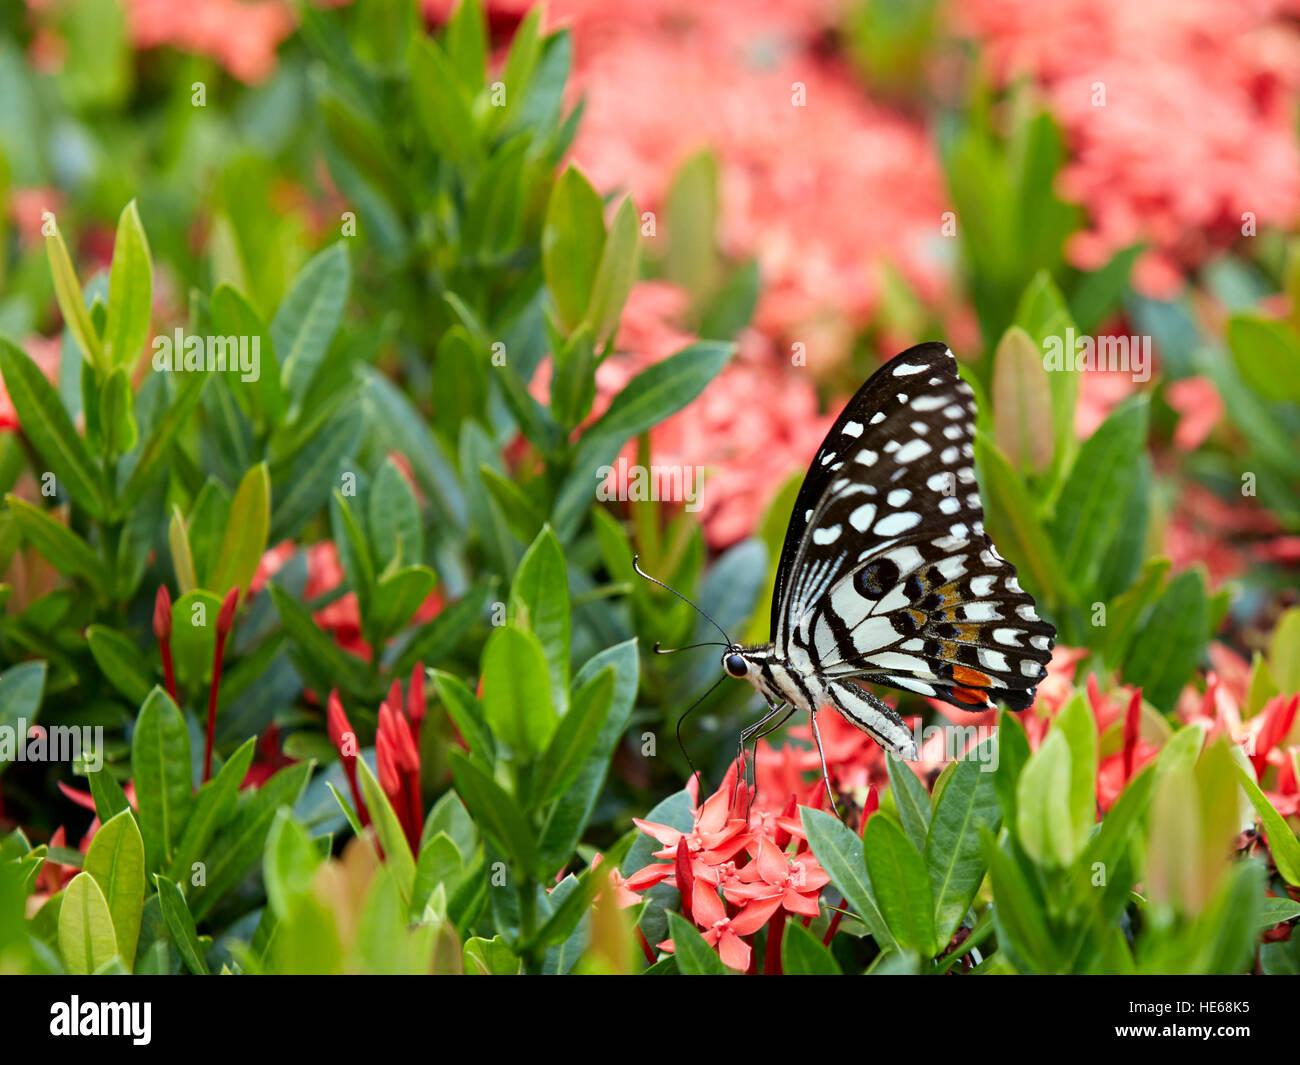 Mariposa de limón. Nombre científico: Papilio demoleus. Tumba de Minh Mang (Hieu Sepulcro), Hue, Vietnam. Imagen De Stock